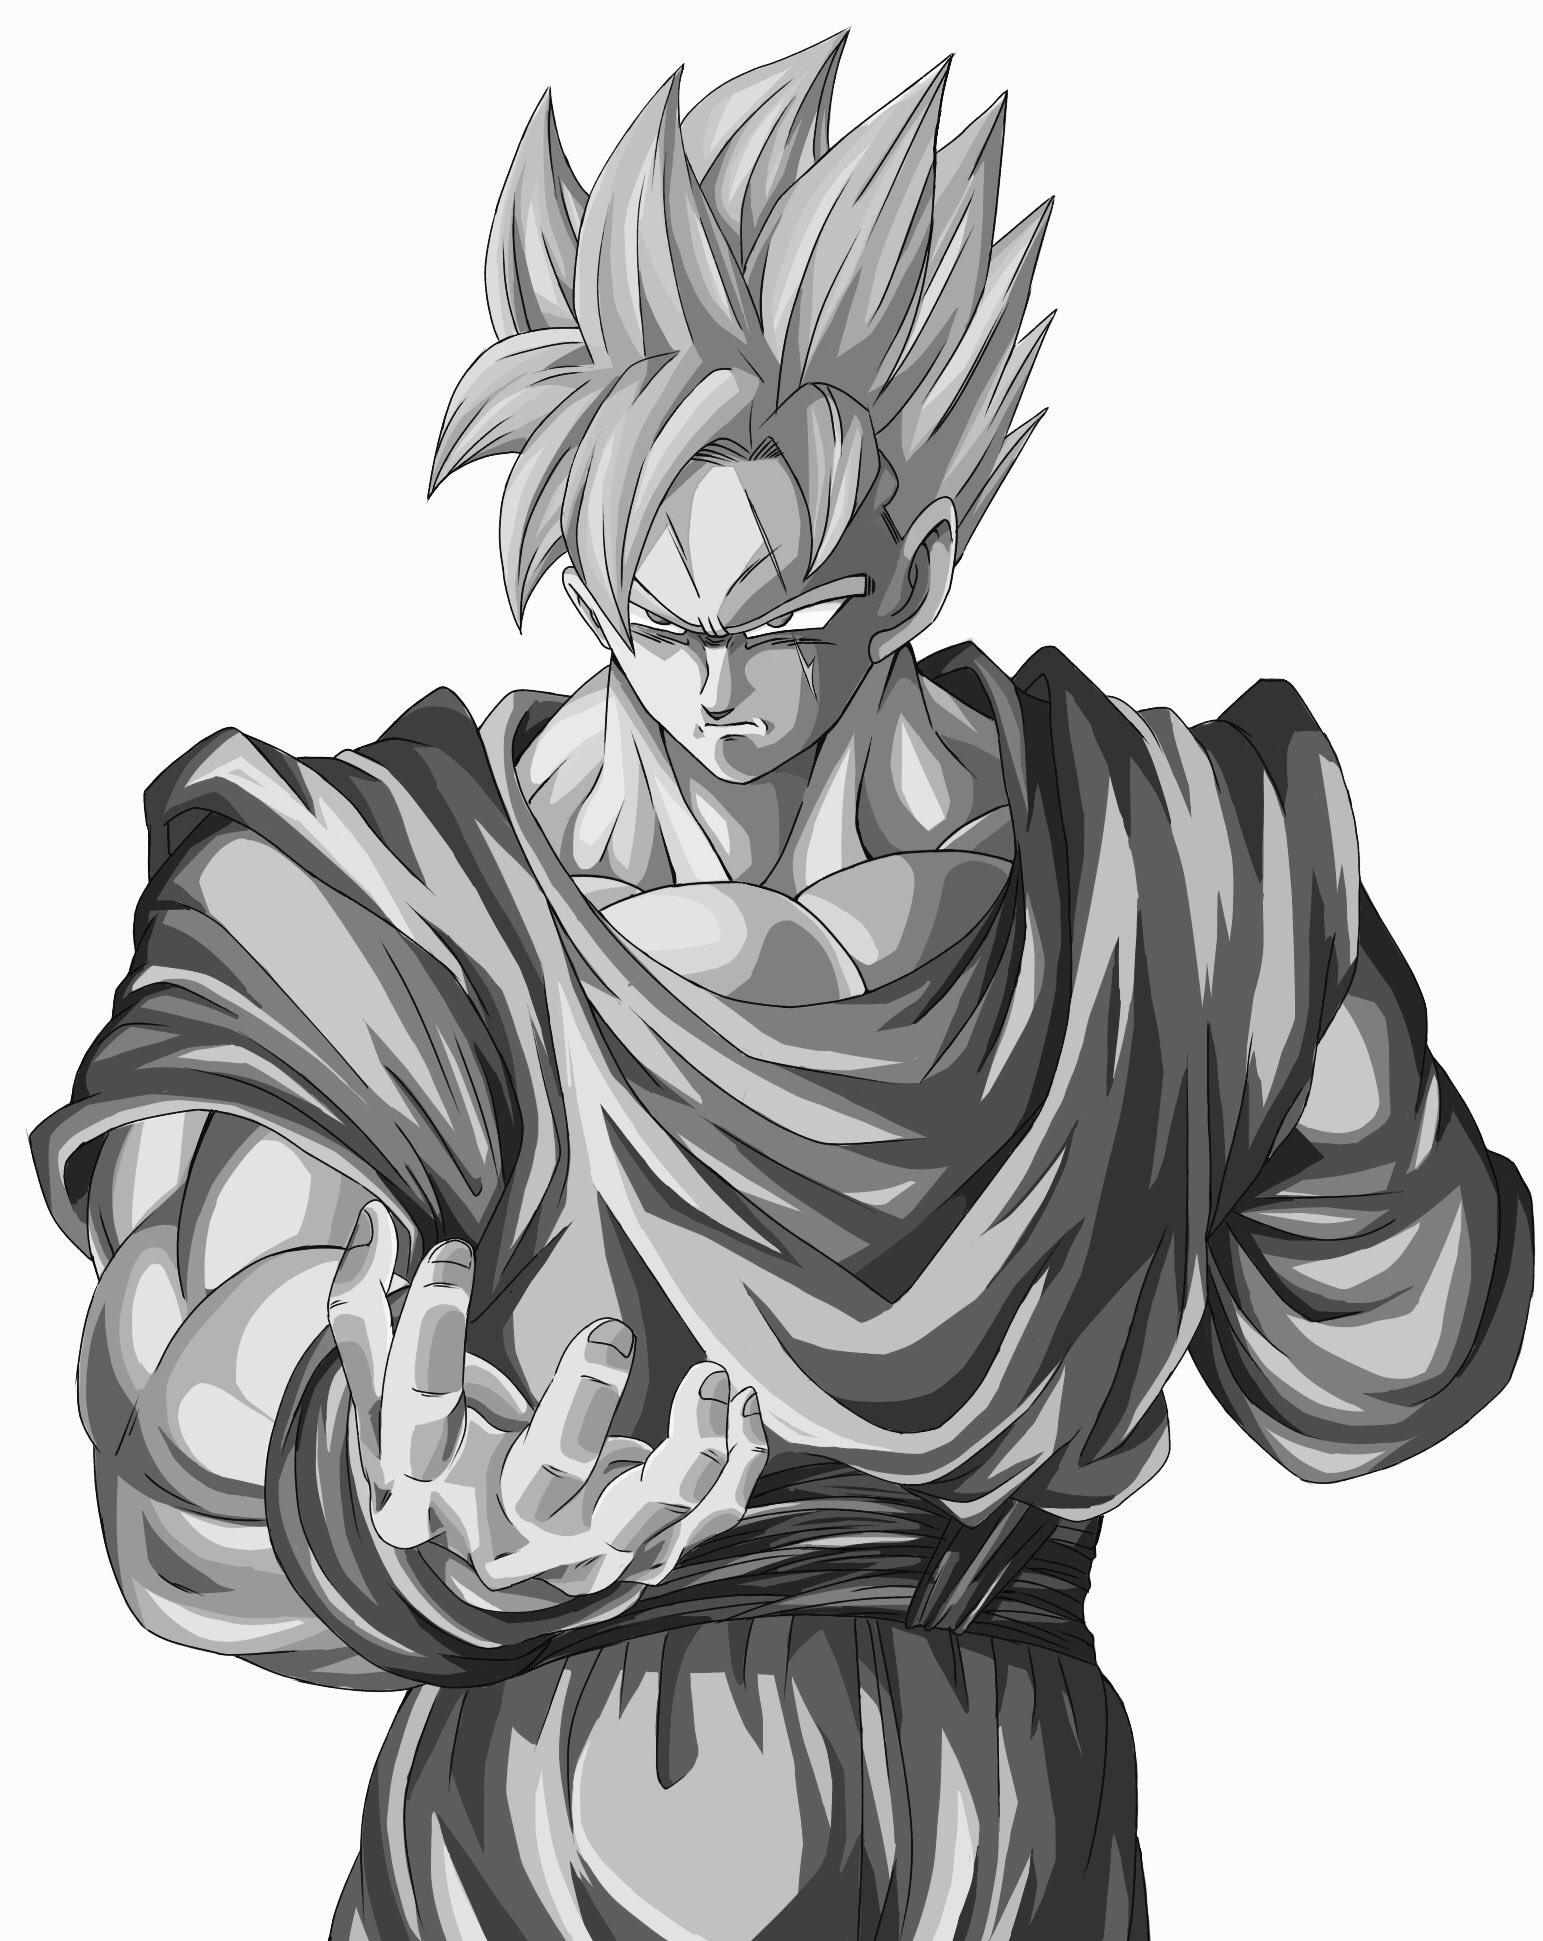 Nett Goku Malvorlagen Ideen - Beispielzusammenfassung Ideen ...